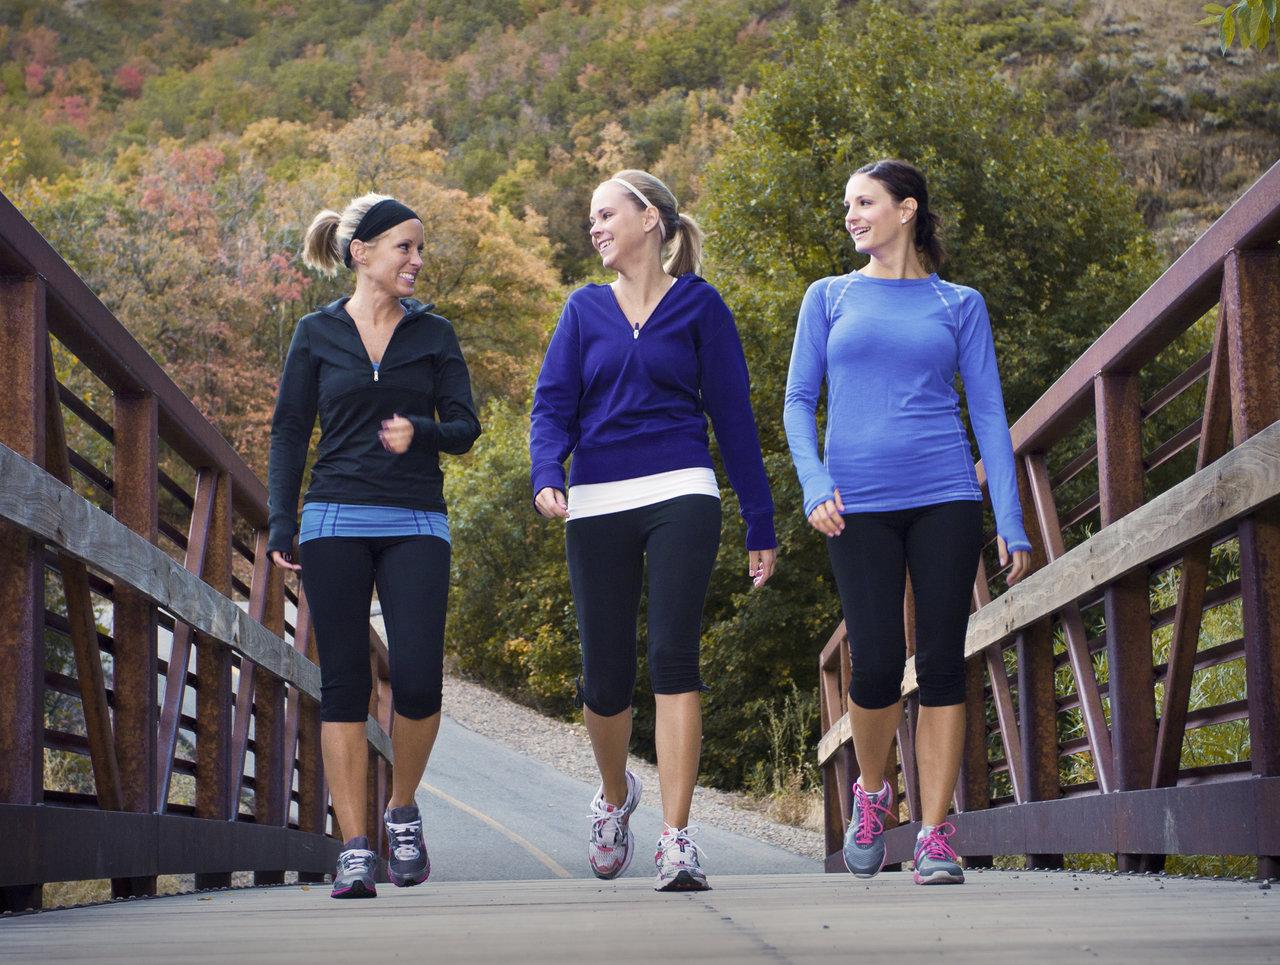 exercícios físicos ajudam a engravidar caminhada